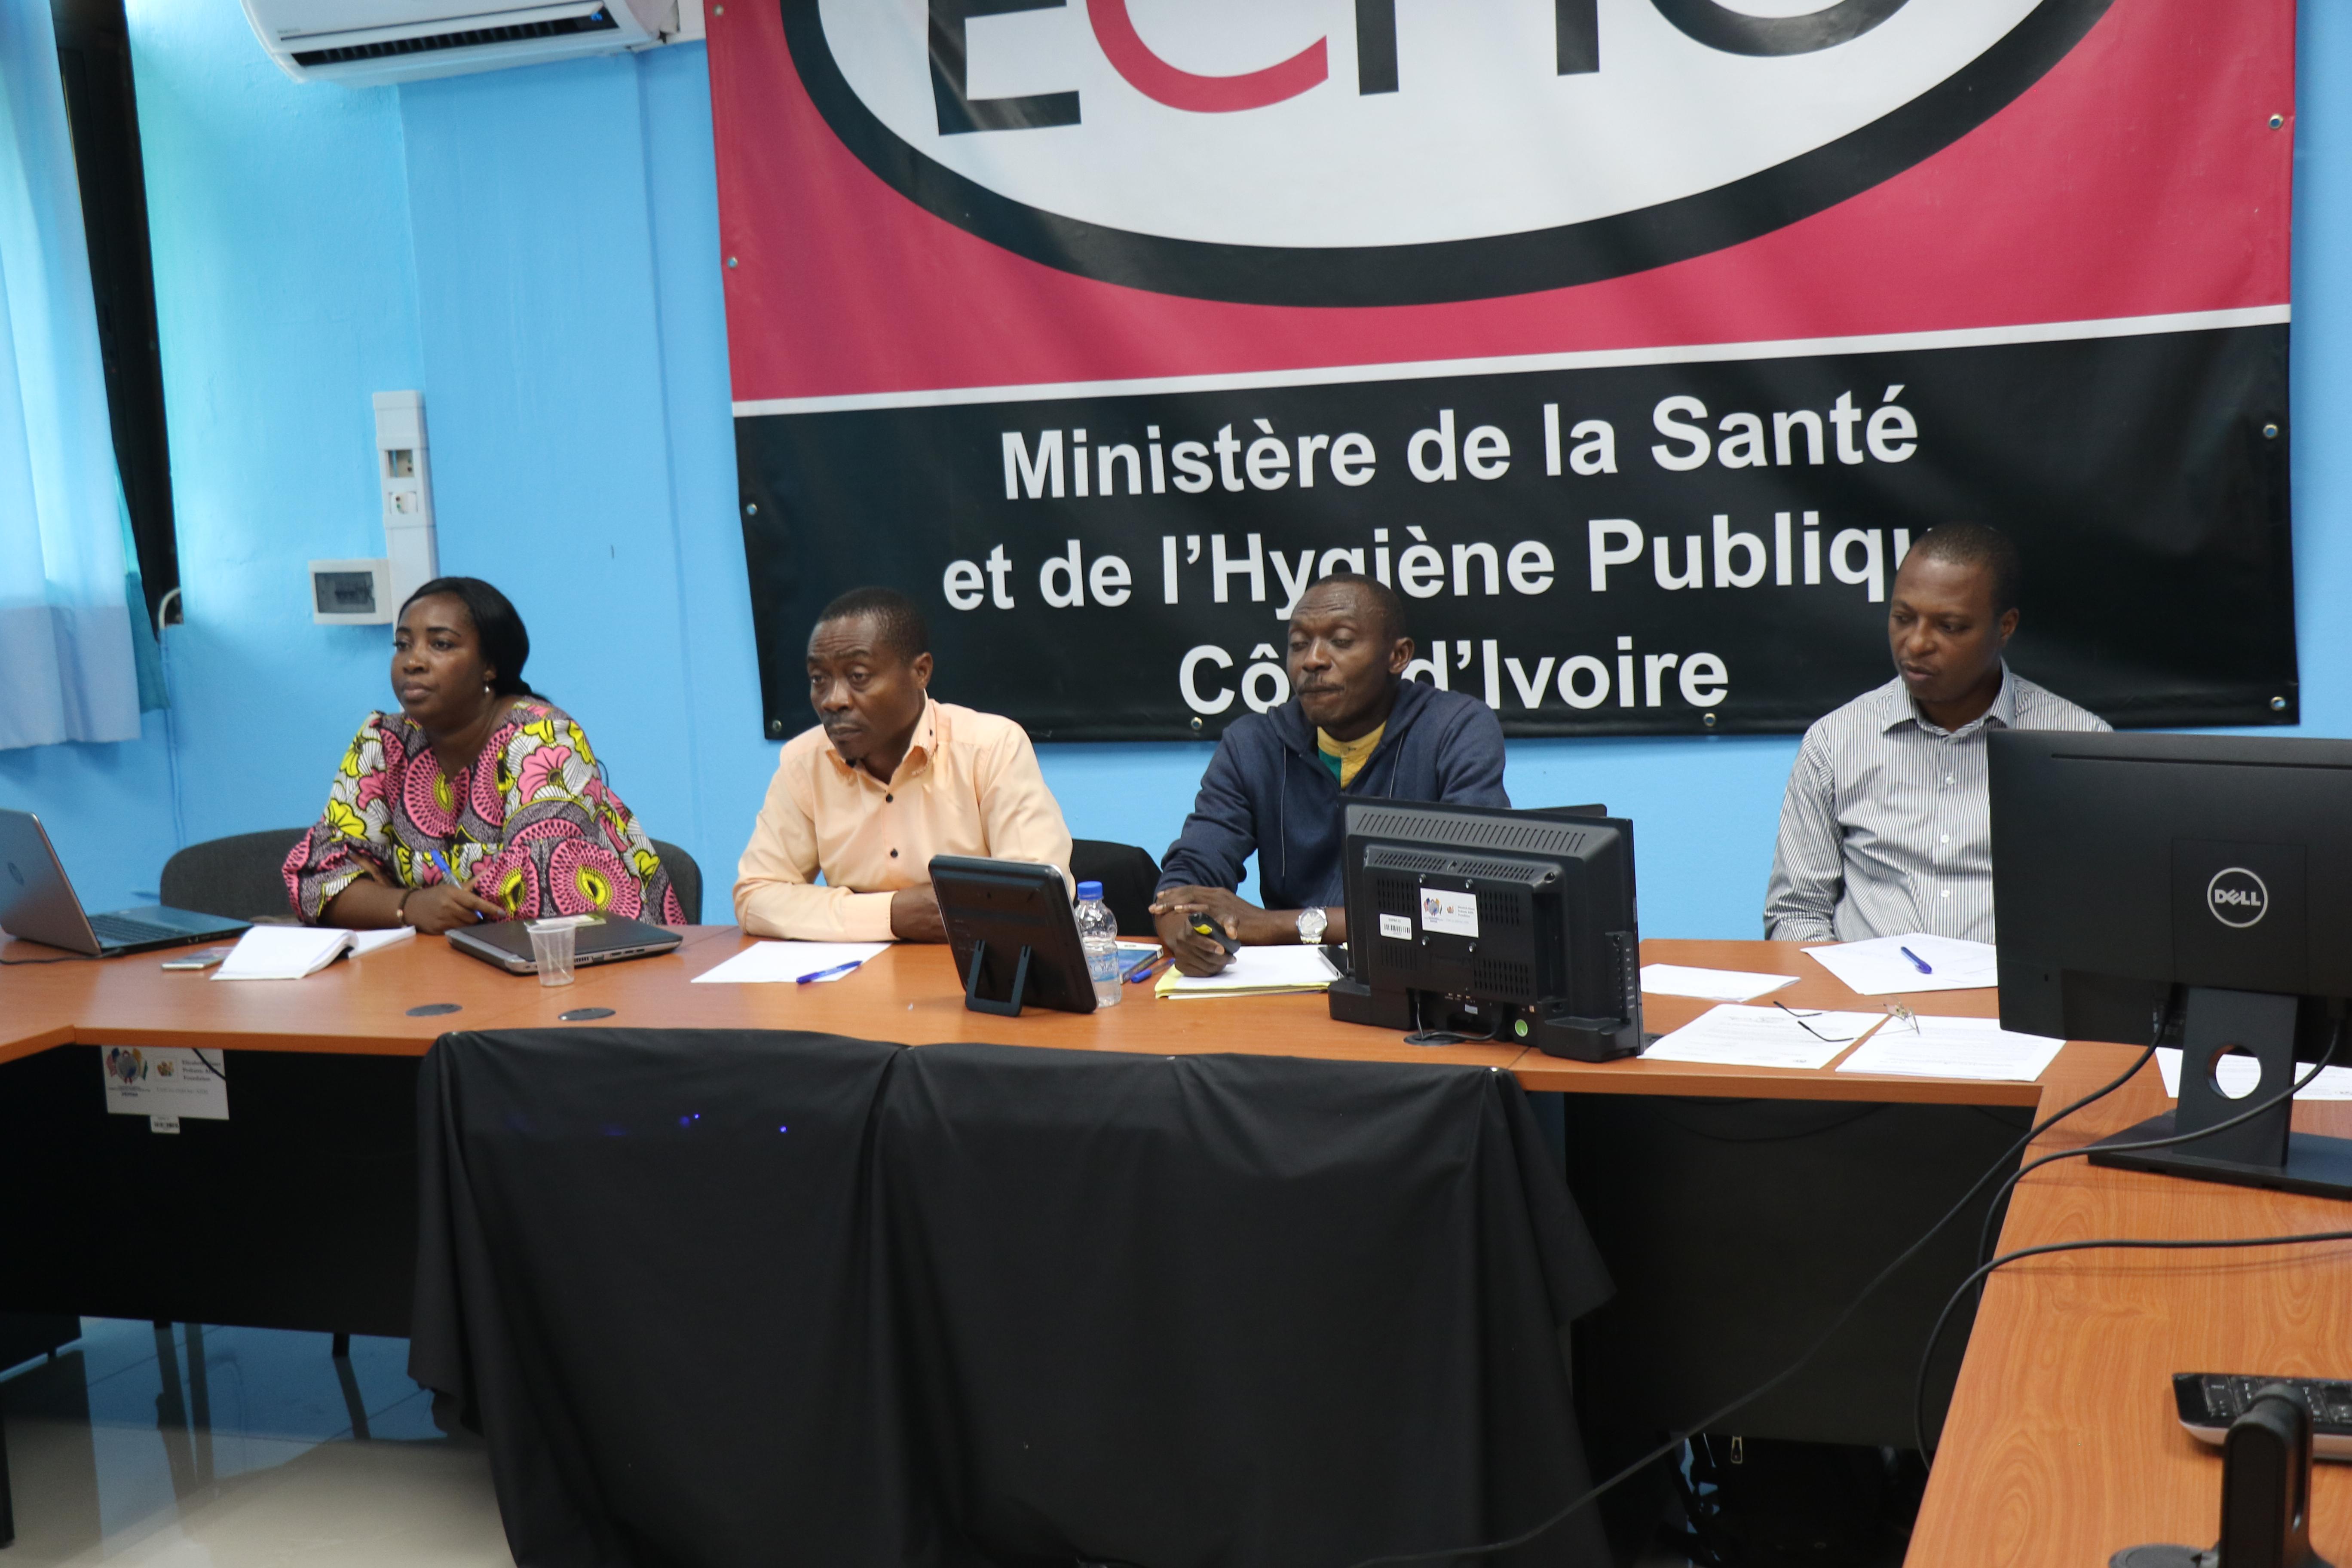 Session d'orientation sur les nouvelles directives 2019 pour le traitement de l'infection à VIH.